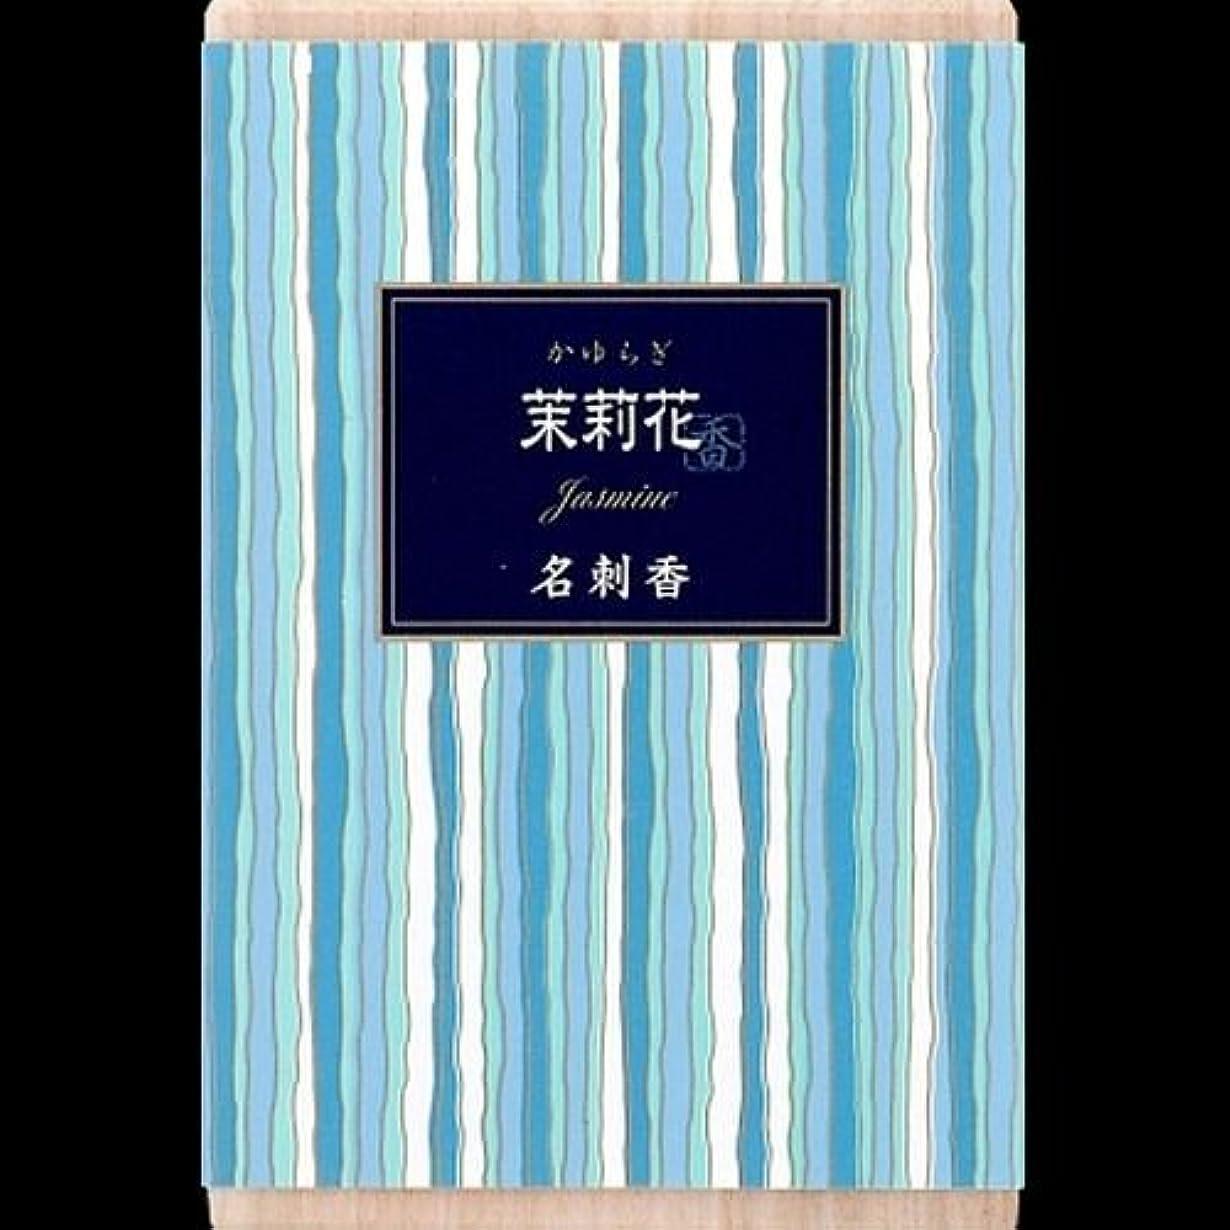 発表そよ風想定する【まとめ買い】かゆらぎ 茉莉花 名刺香 桐箱 6入 ×2セット